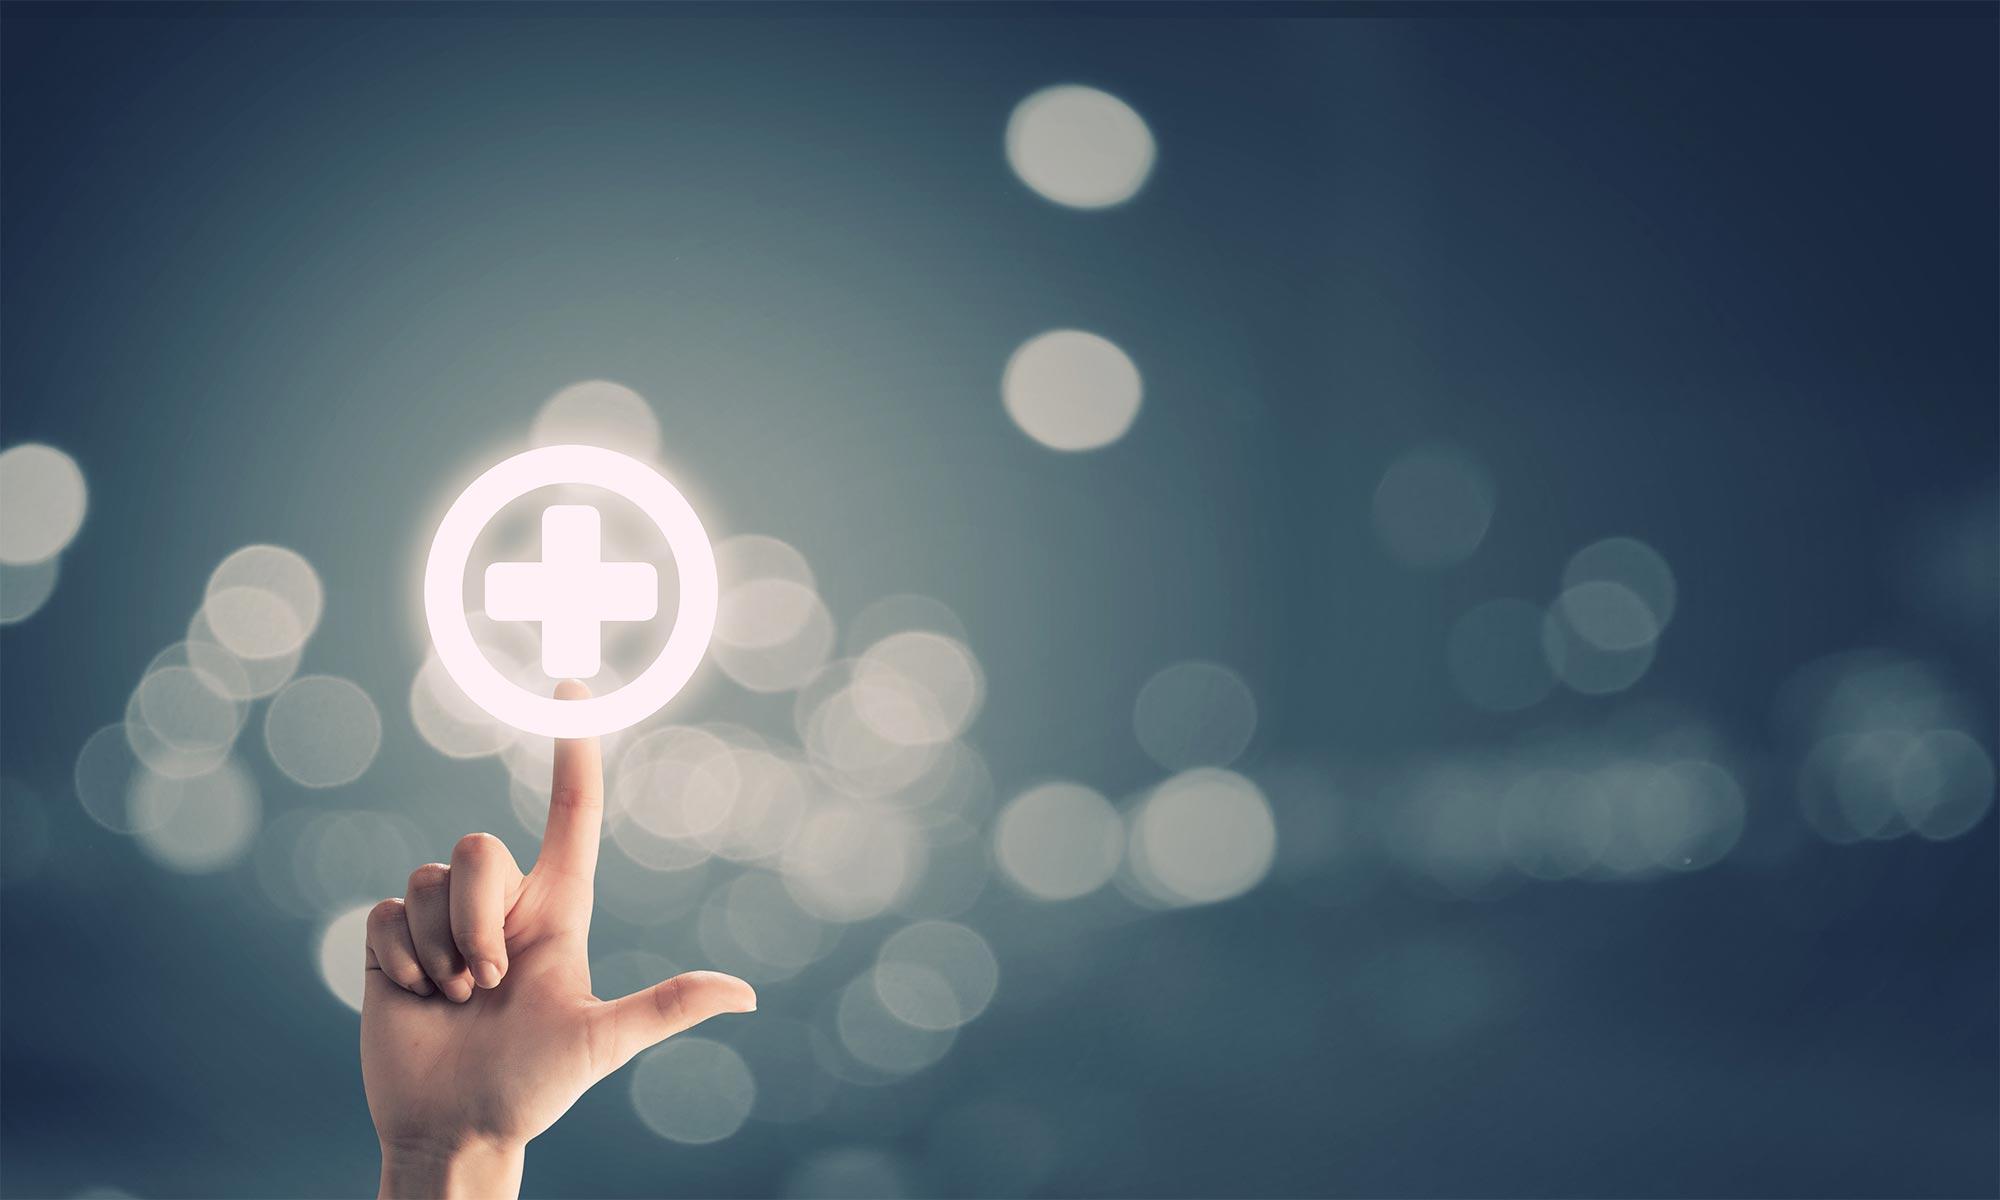 Versicherung als Zusatzprodukt - bsurance